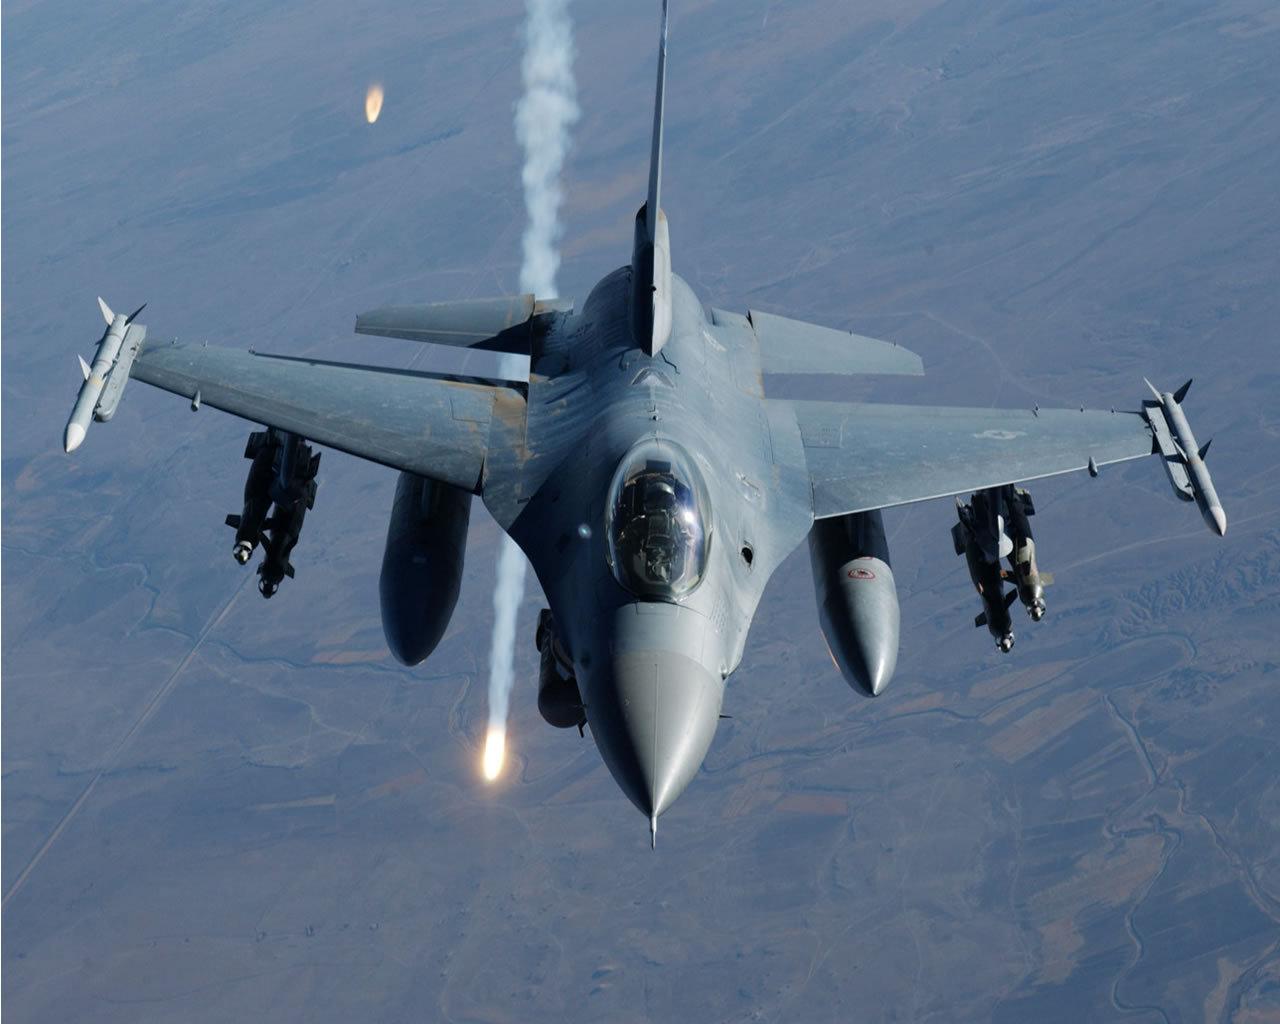 истребитель ВВС F-16 Falcon